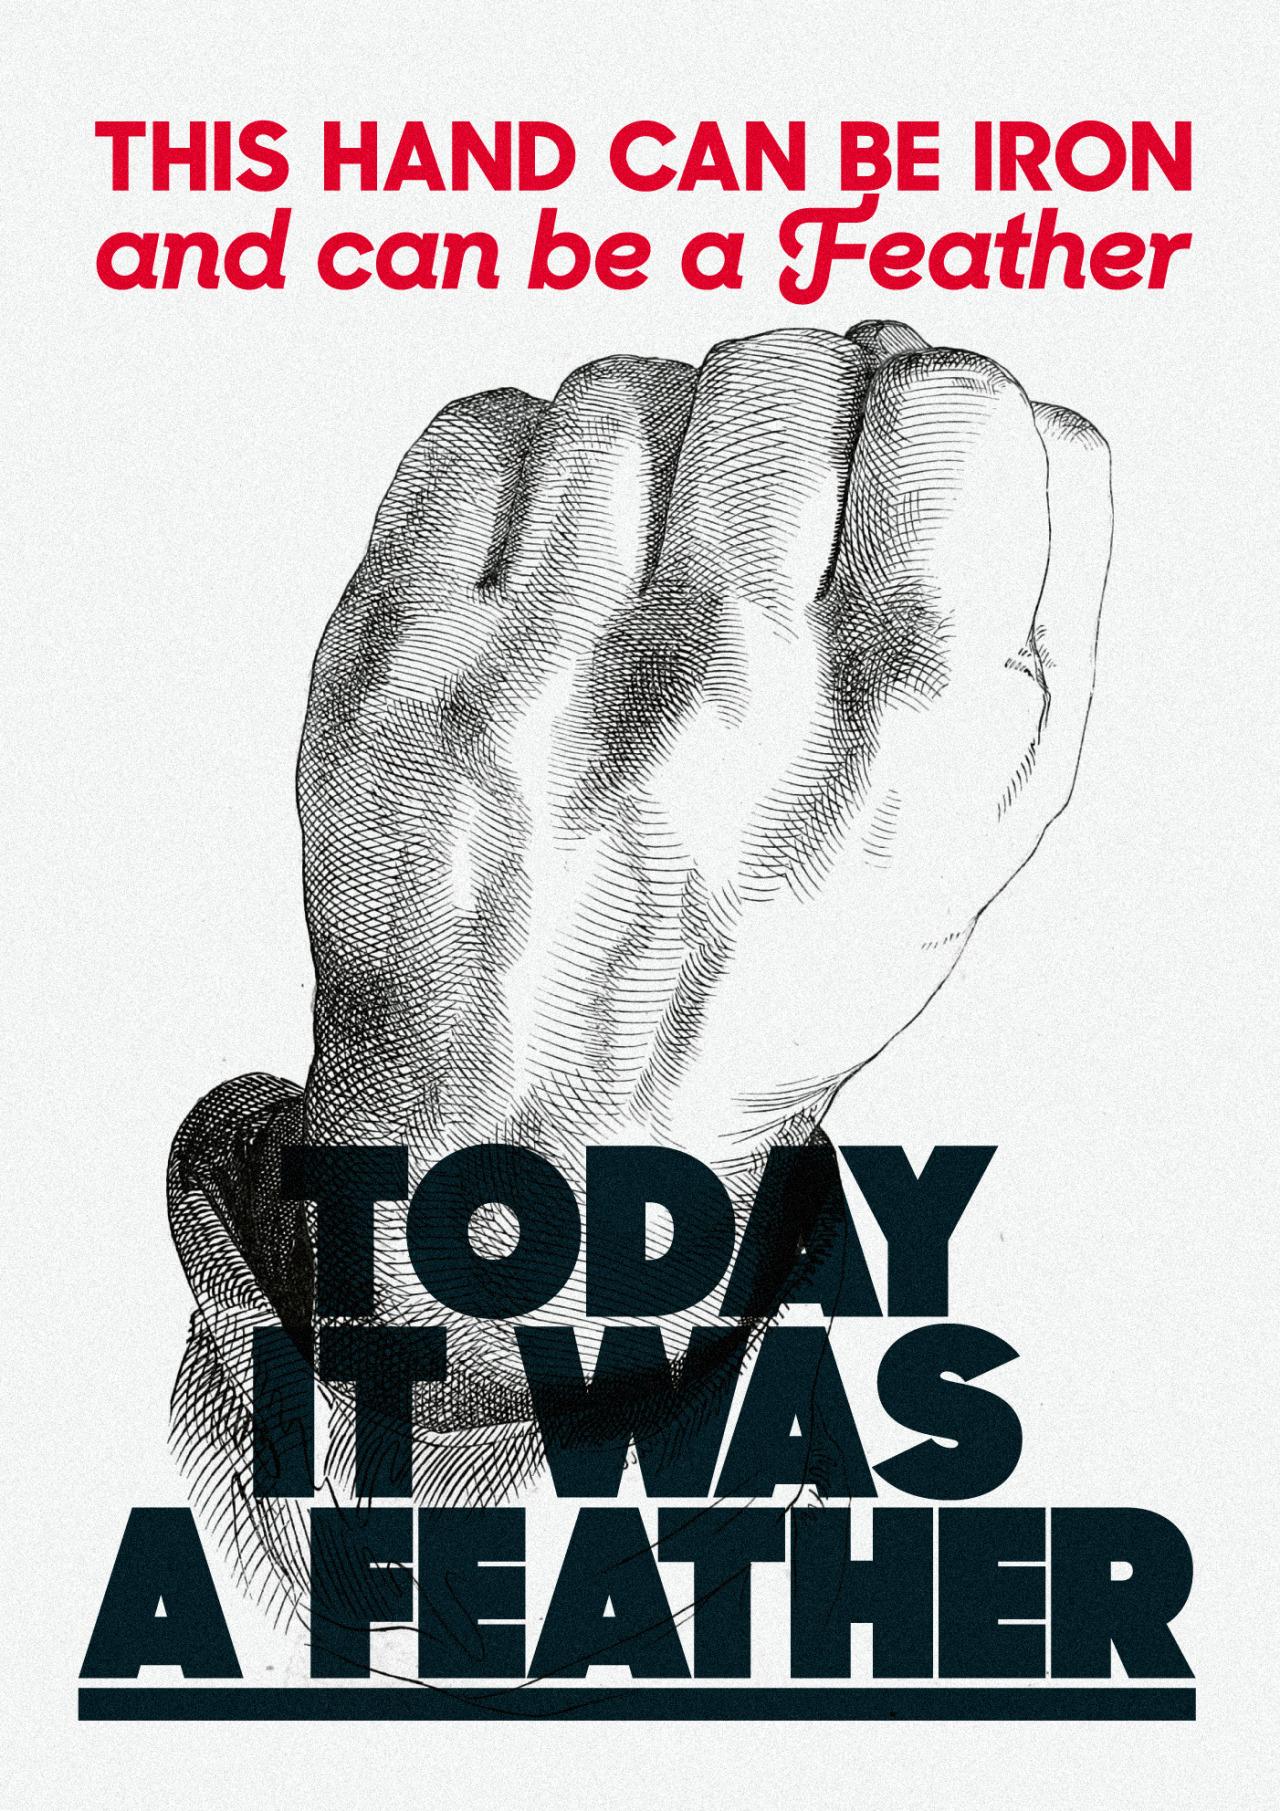 Uno dei poster realizzati da Testi Manifesti (per cortesia dell'autore).